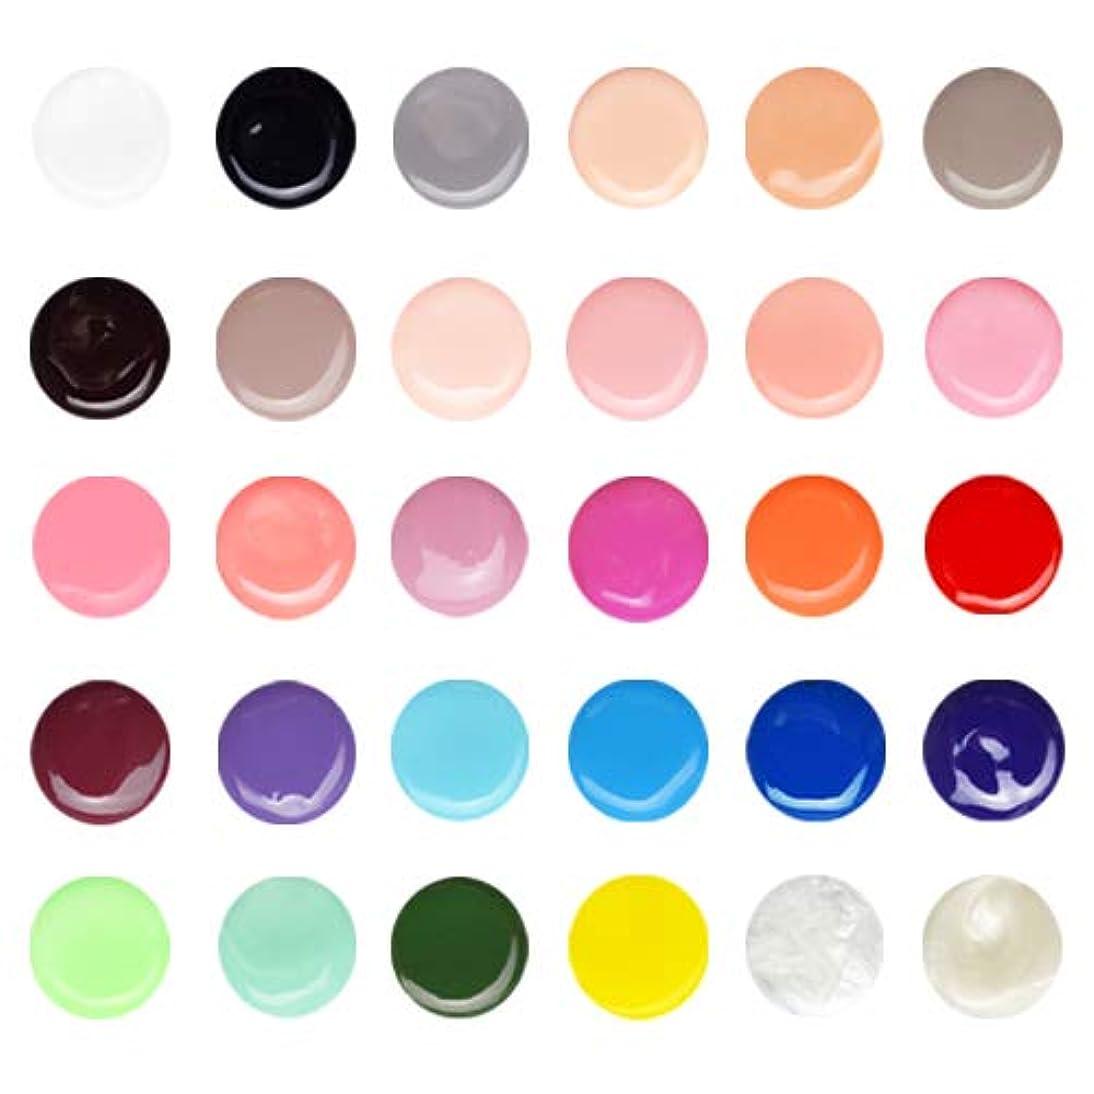 多用途滅多促進するiro gel (イロジェル) ネイルタウンジェル ジェルネイル 30色セット ソークオフタイプ [ 3g × 30色 ] [並行輸入品]